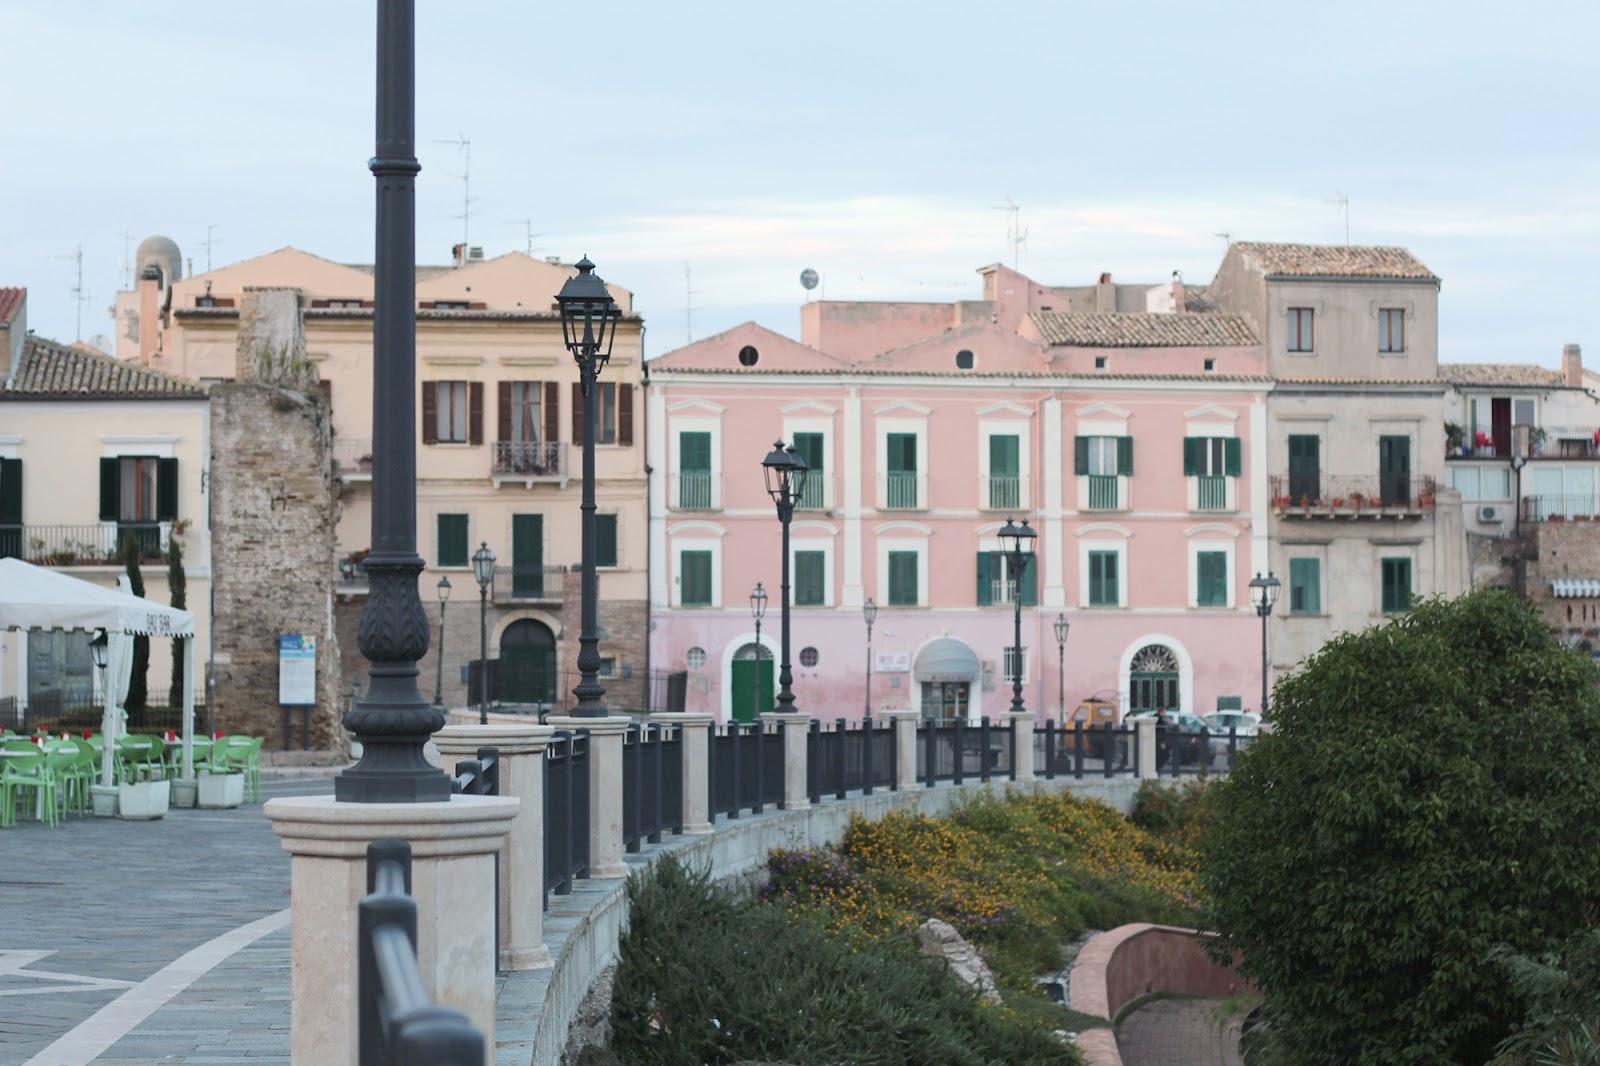 vasto italy italia abruzzo architecture architettura buildings